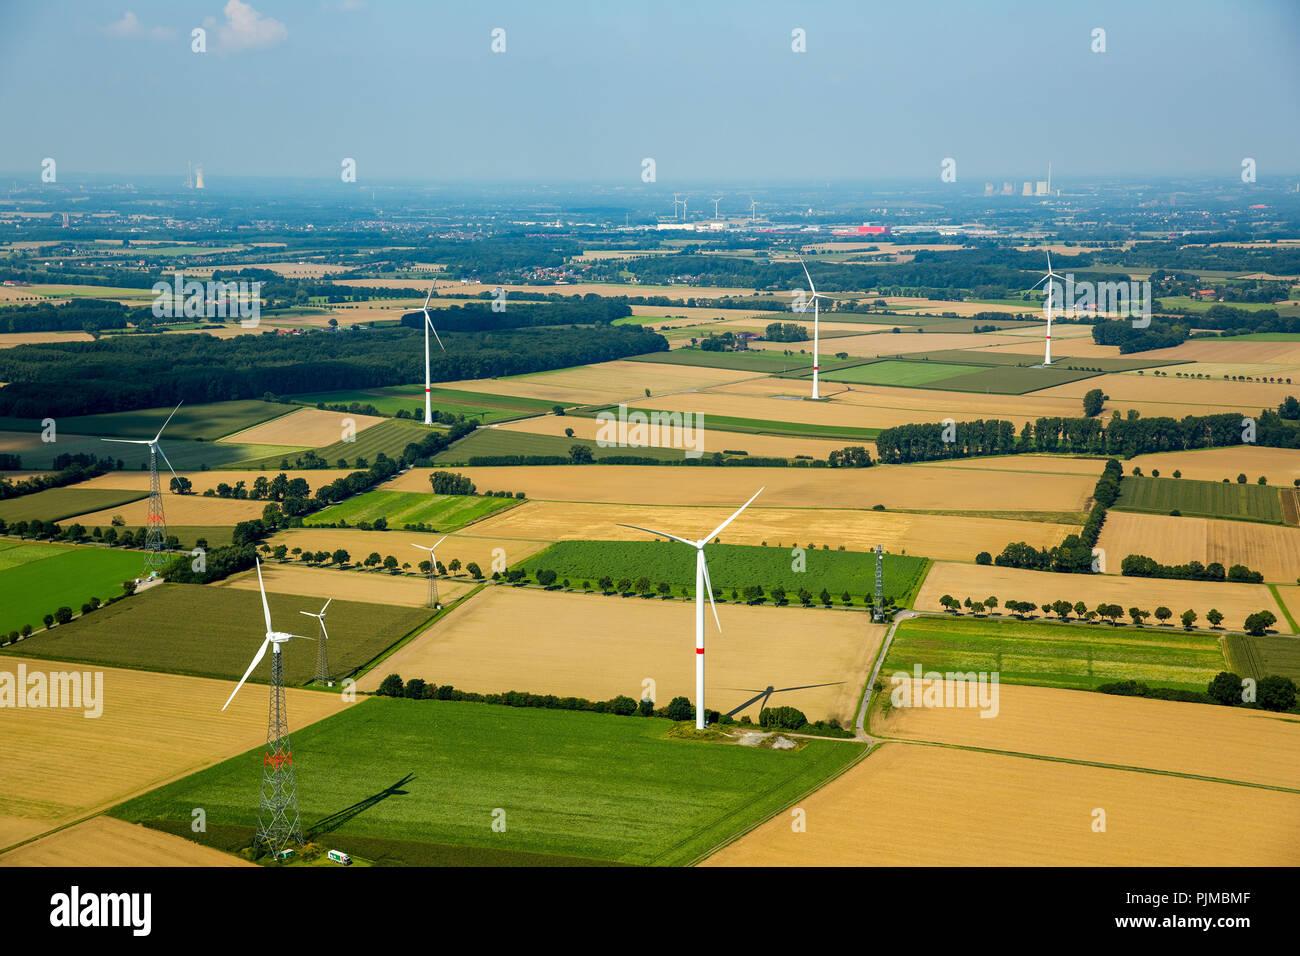 Campos, agricultura, energía alternativa, la energía eólica, turbinas de viento al oeste de Hilbeck, Werl, Soester Börde, Renania del Norte-Westfalia, Alemania Imagen De Stock